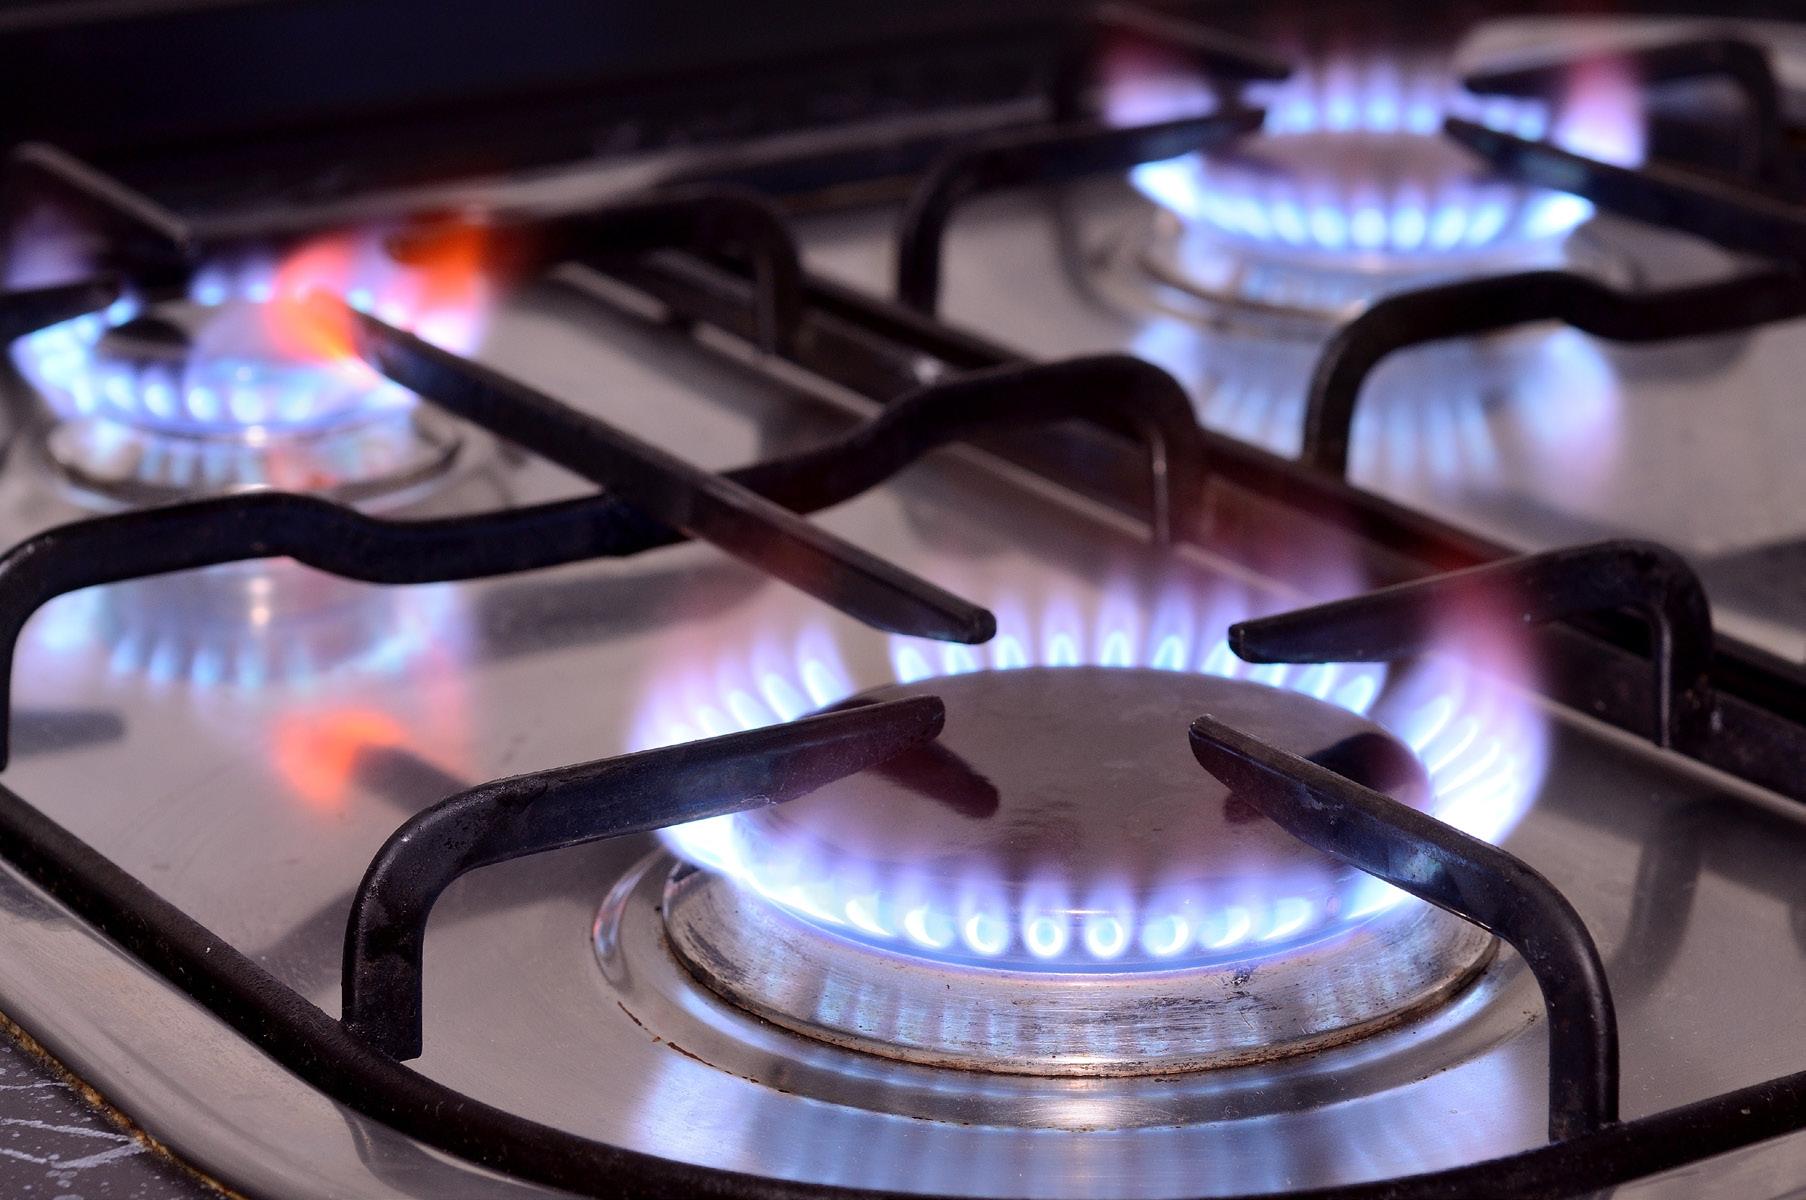 صورة البترول تعلن توصيل الغاز للمنازل بالتقسيط